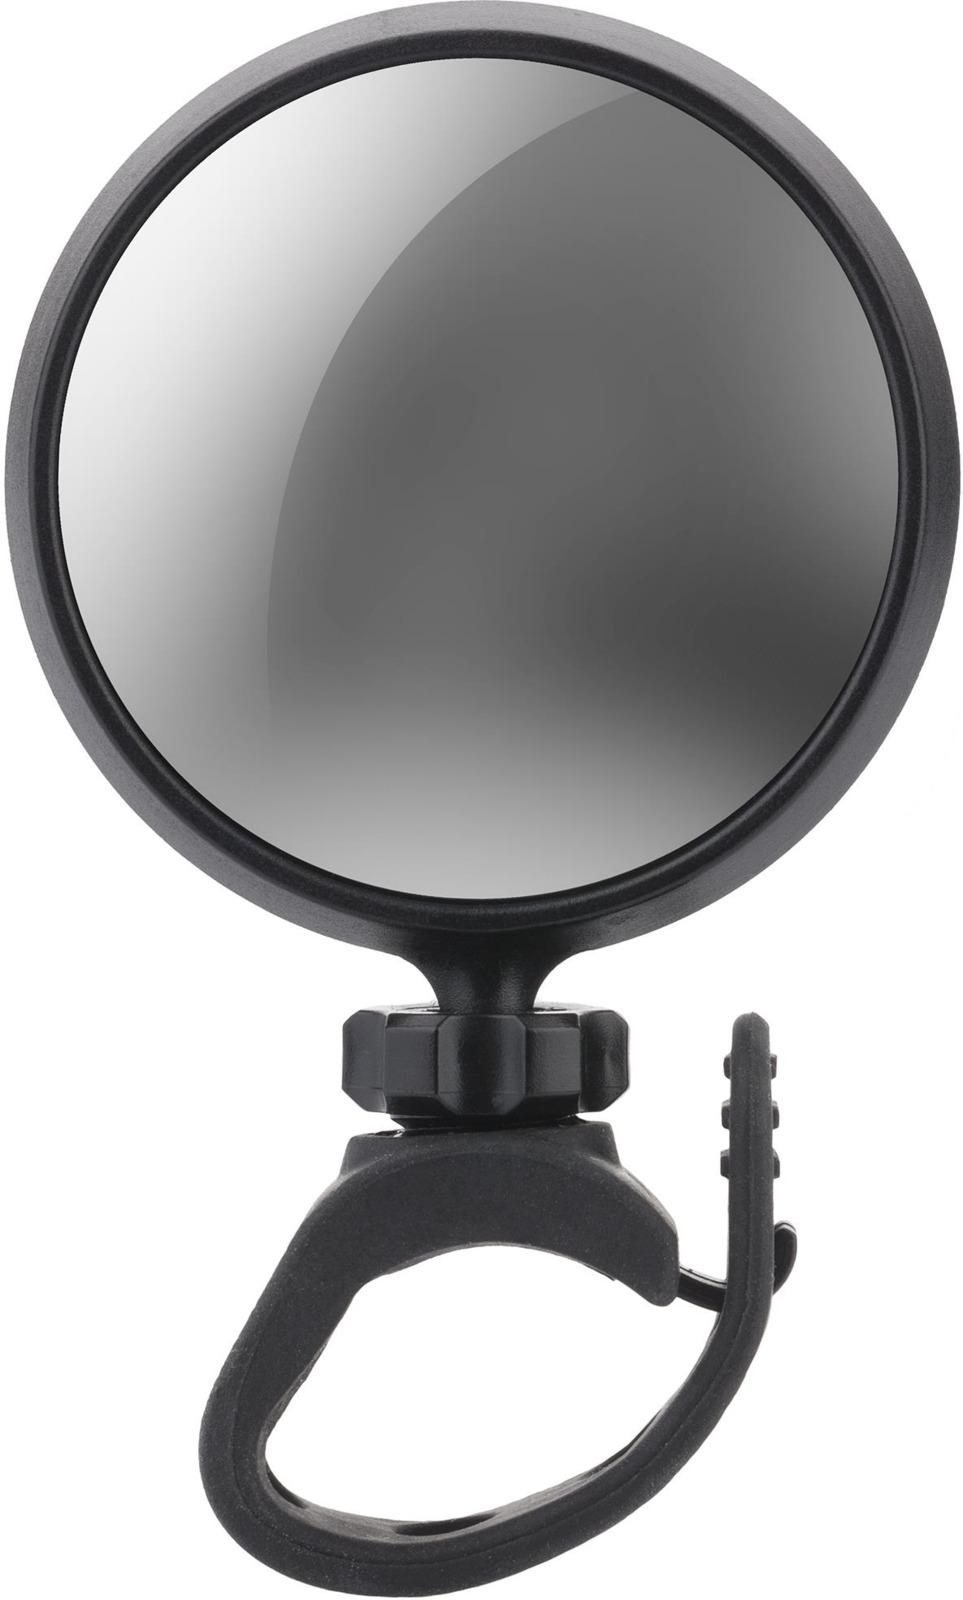 Зеркало велосипедное Stern CMIR-1 Mirror, черный